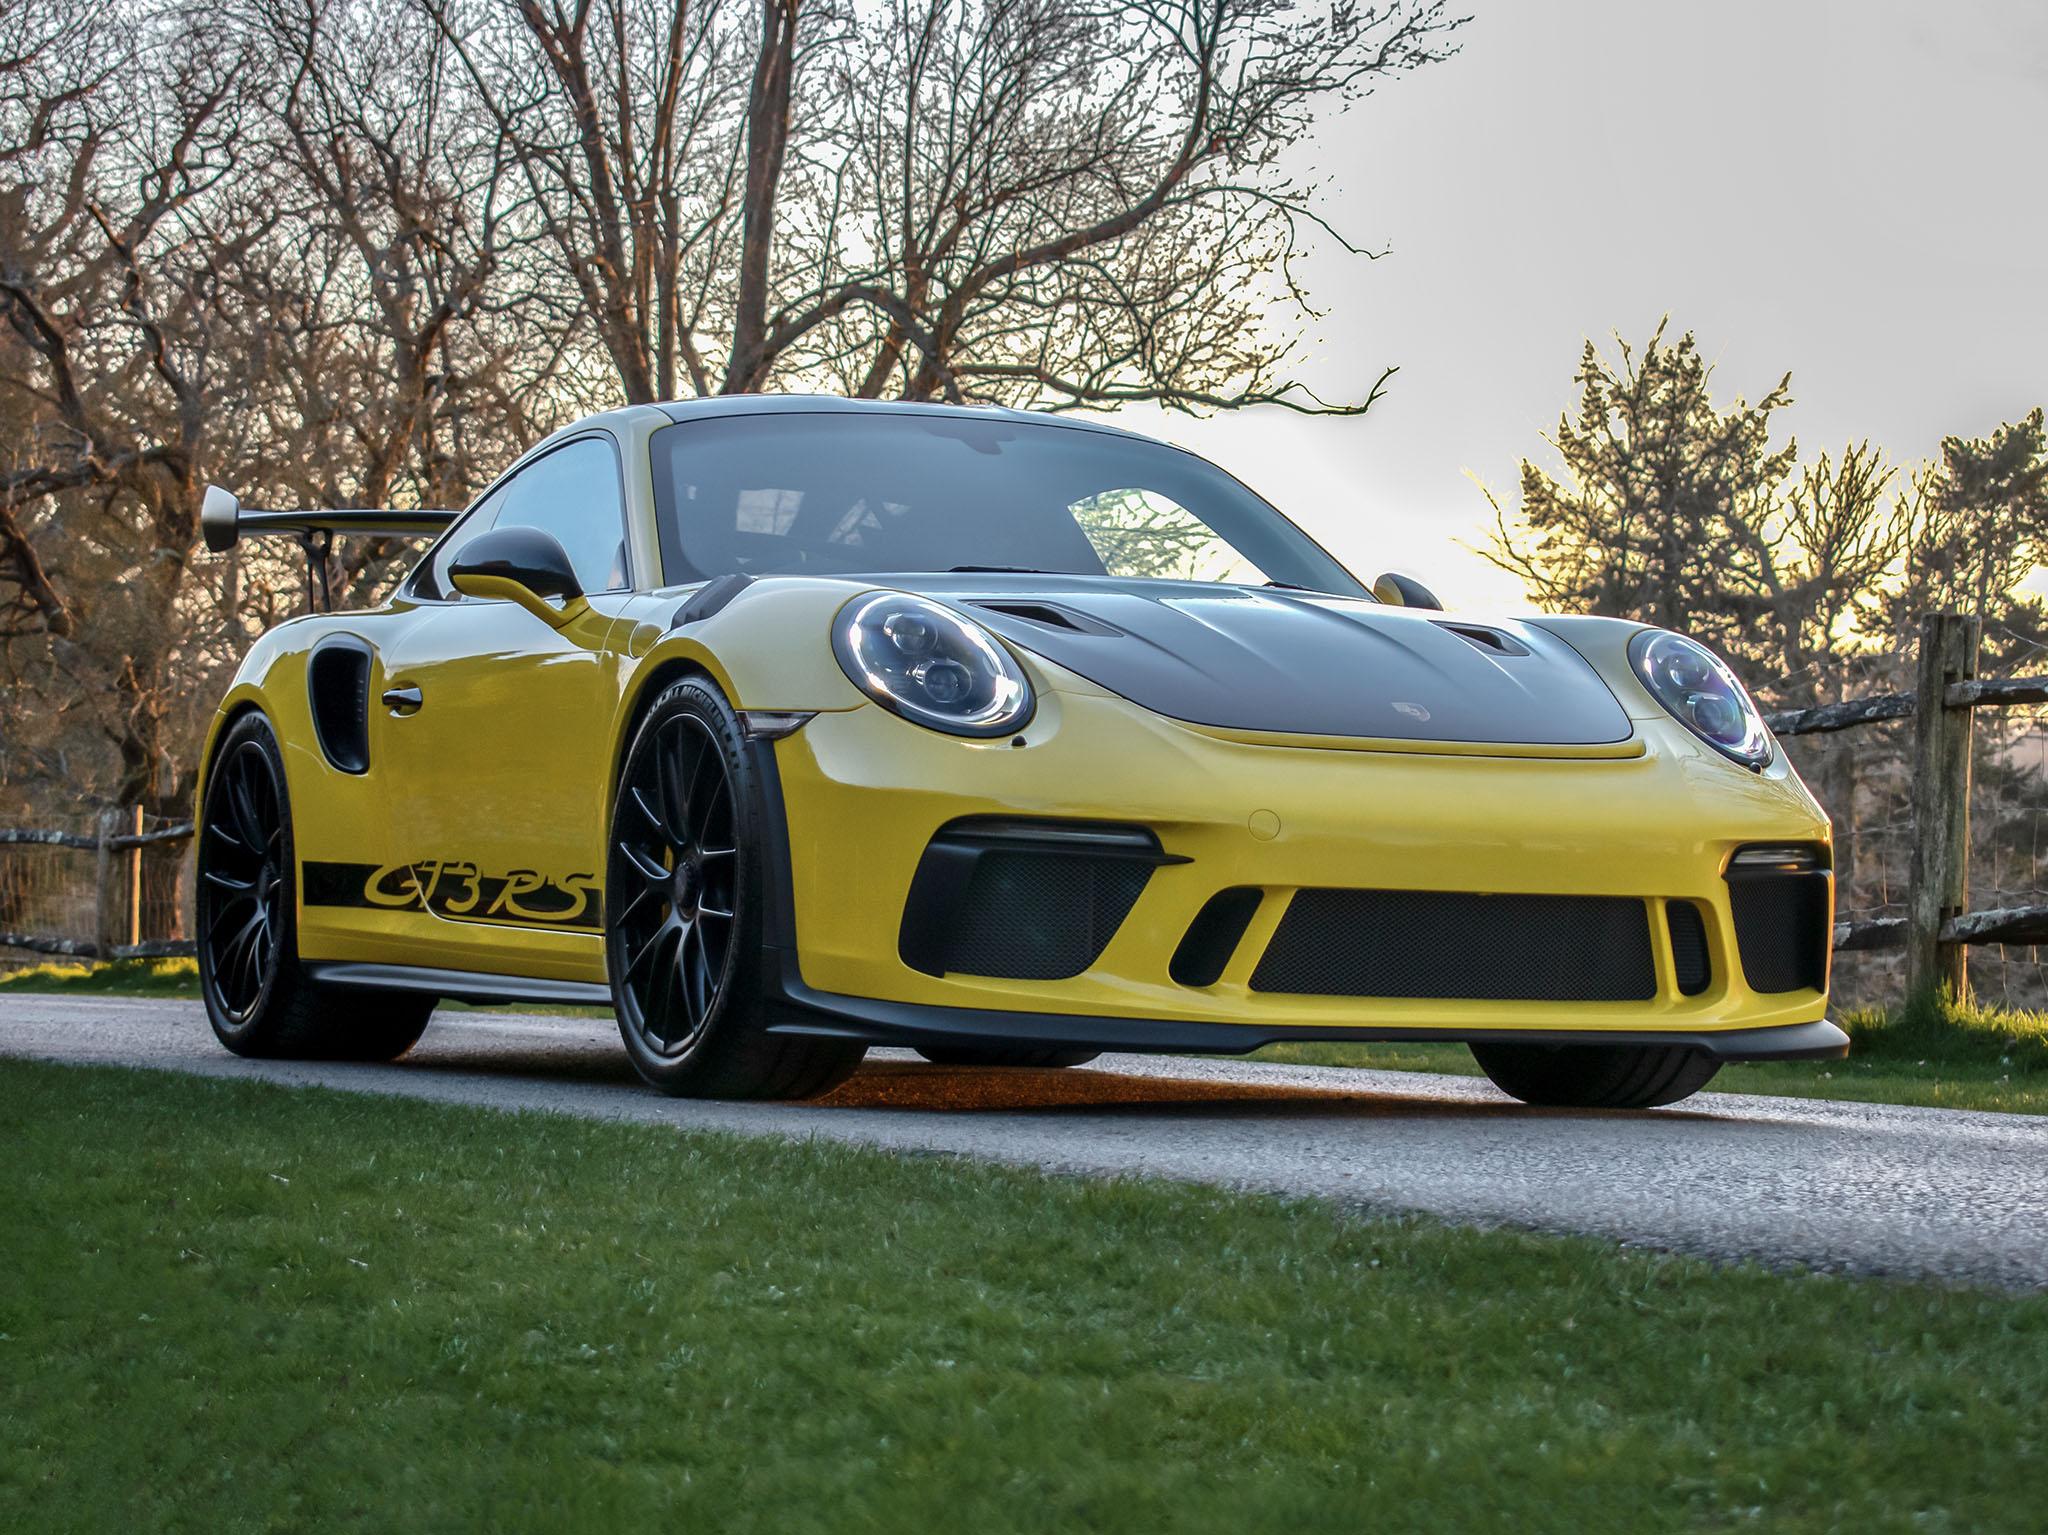 Porsche 991.2 GT3 RS Weissach